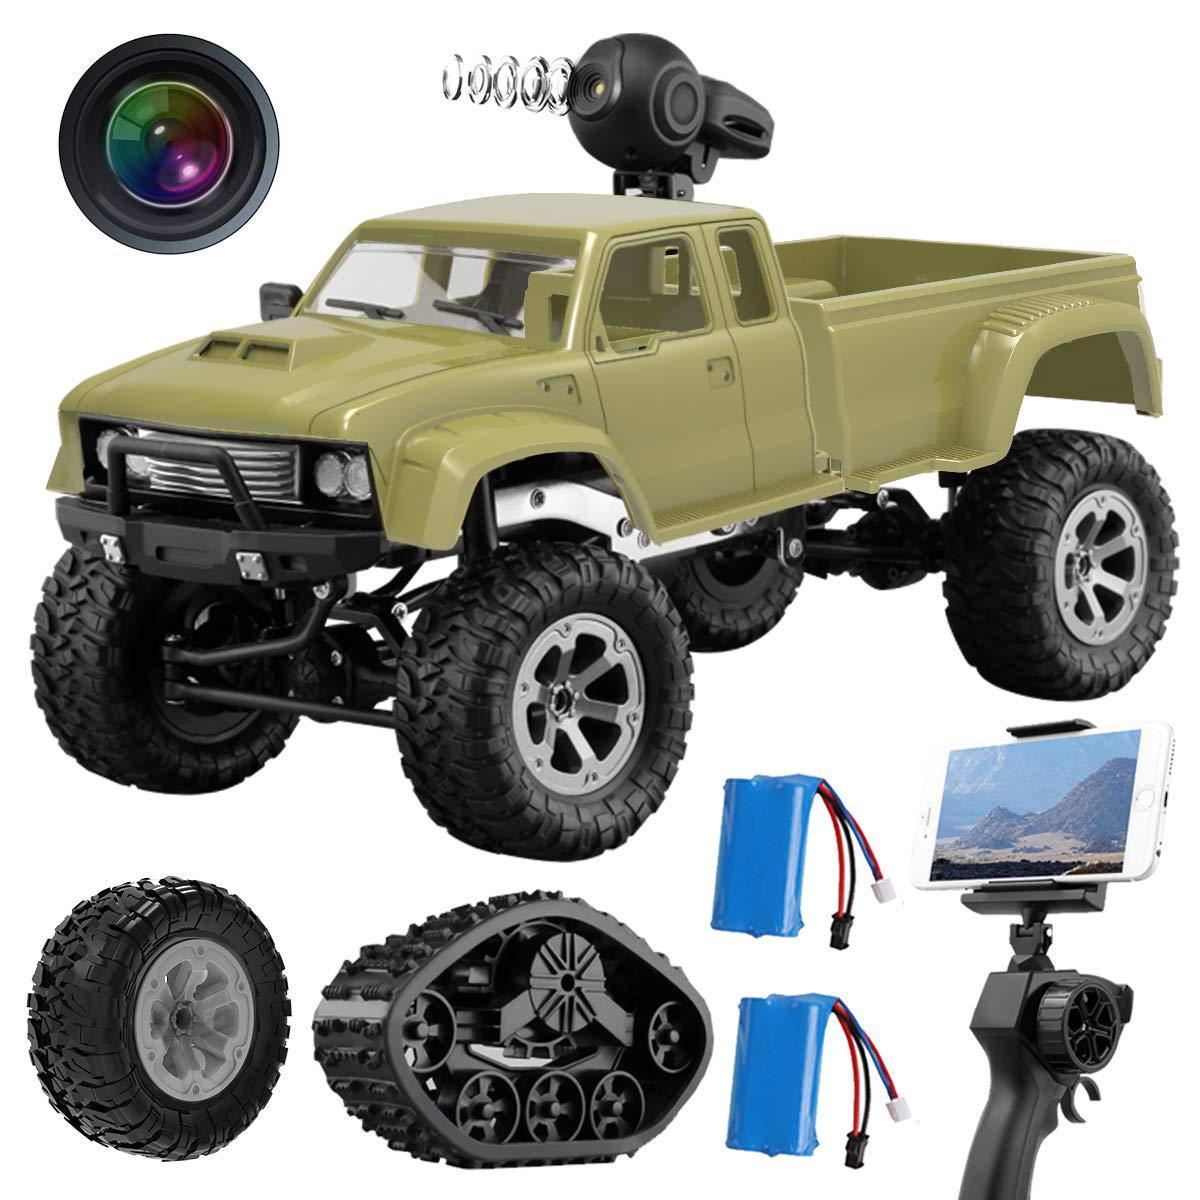 Автомобіль з дистанційним керуванням та камерою GILOBABY